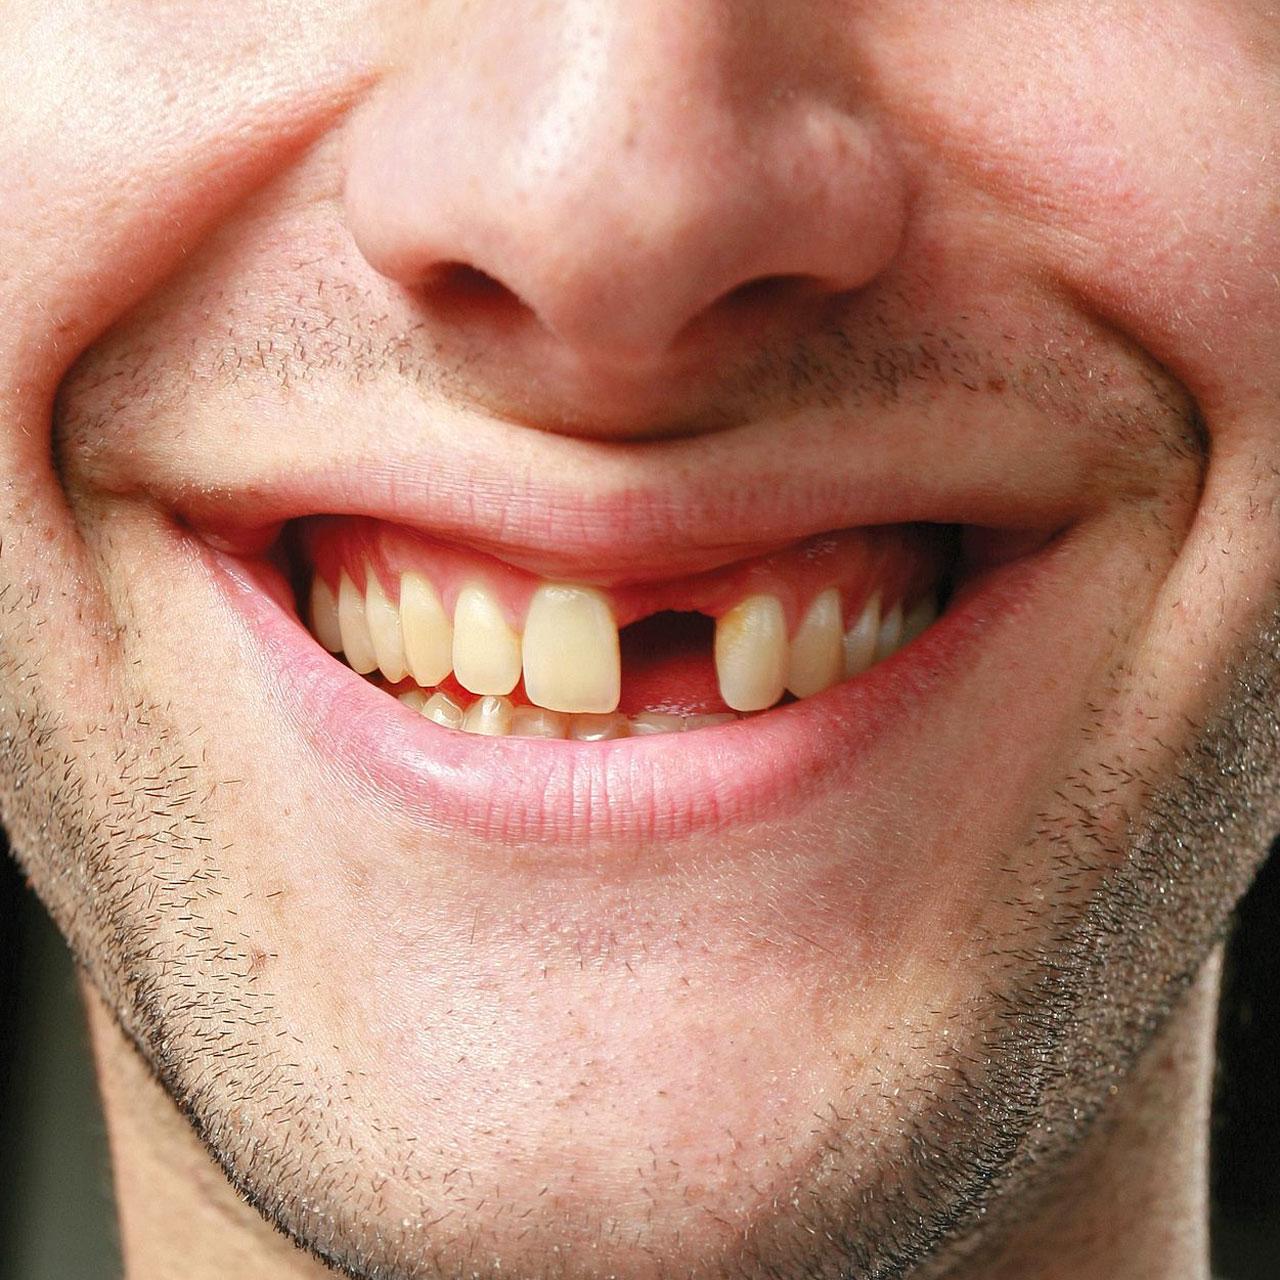 массе фото приколы со смешной улыбкой зубами того, необходимо иметь